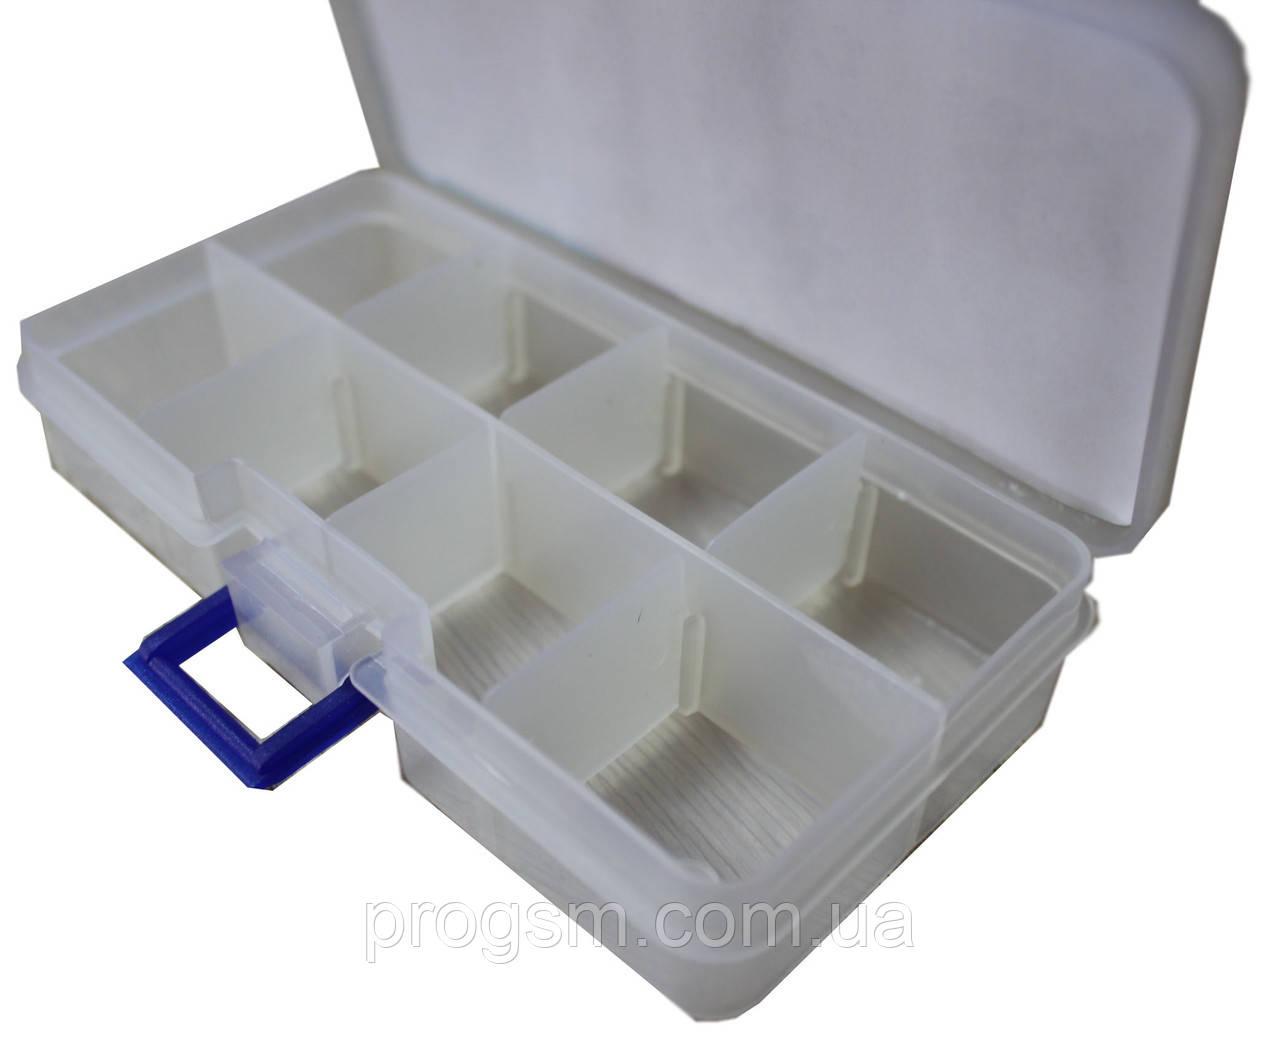 Коробка для мелочевки маленькая (8 секций)